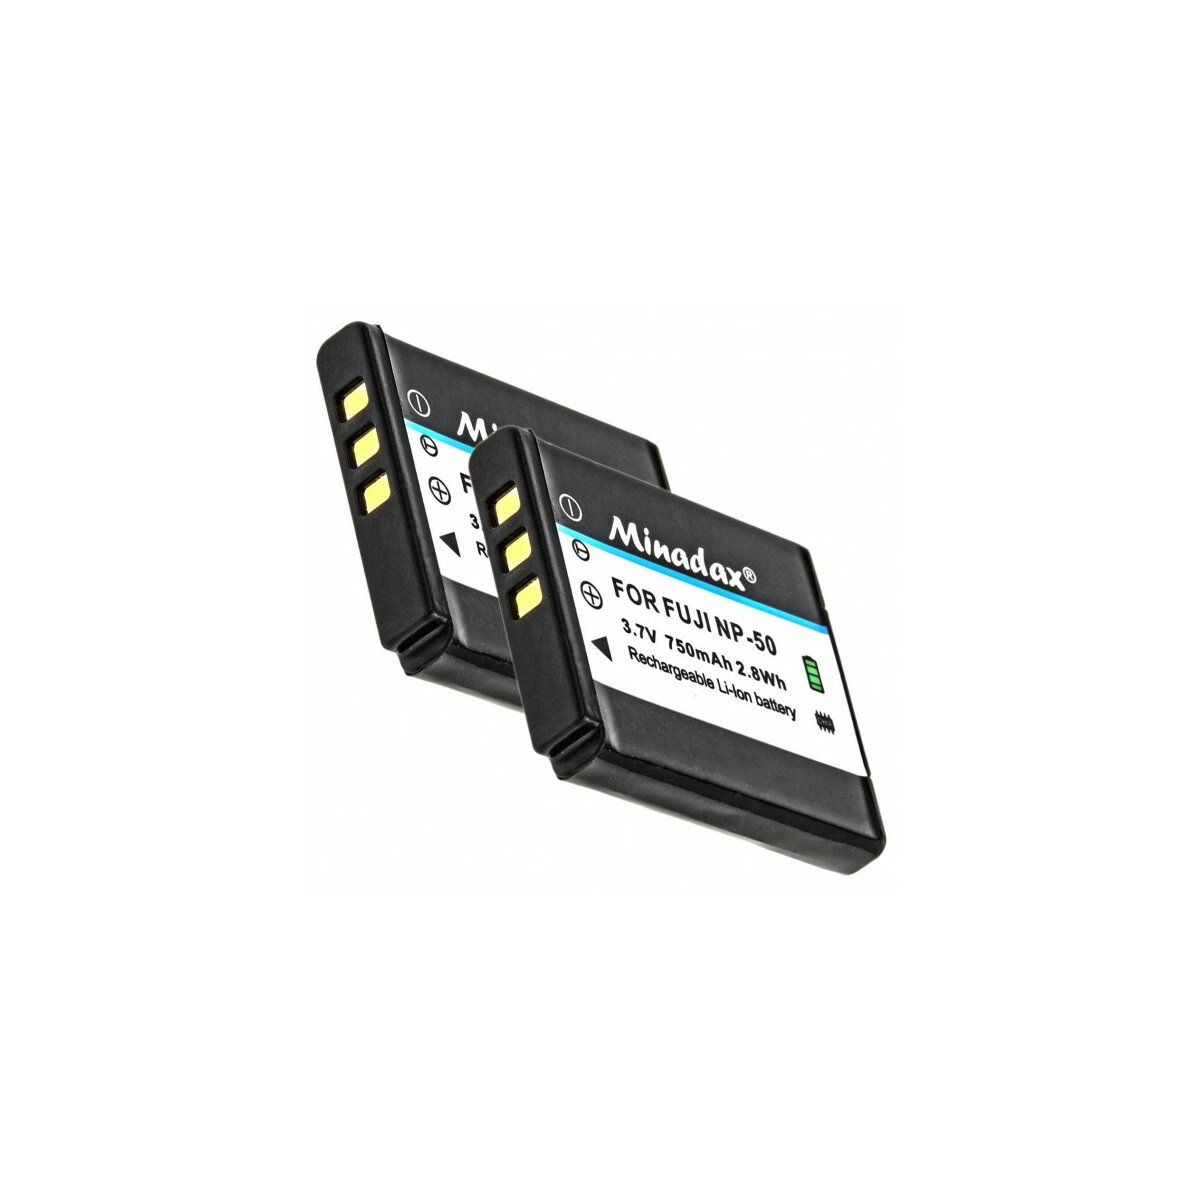 2x Minadax® Qualitaetsakku mit echten 750 mAh fuer FujiFilm Finepix XF1 X20 X10 F900EXR F850EXR F800EXR F770EXR F750EXR F660EXR F600EXR F550EXR F500EXR F300EXR F70EXR, XP200 XP150 XP100, wie NP-50 -Intelligentes Akkusystem mit Chip